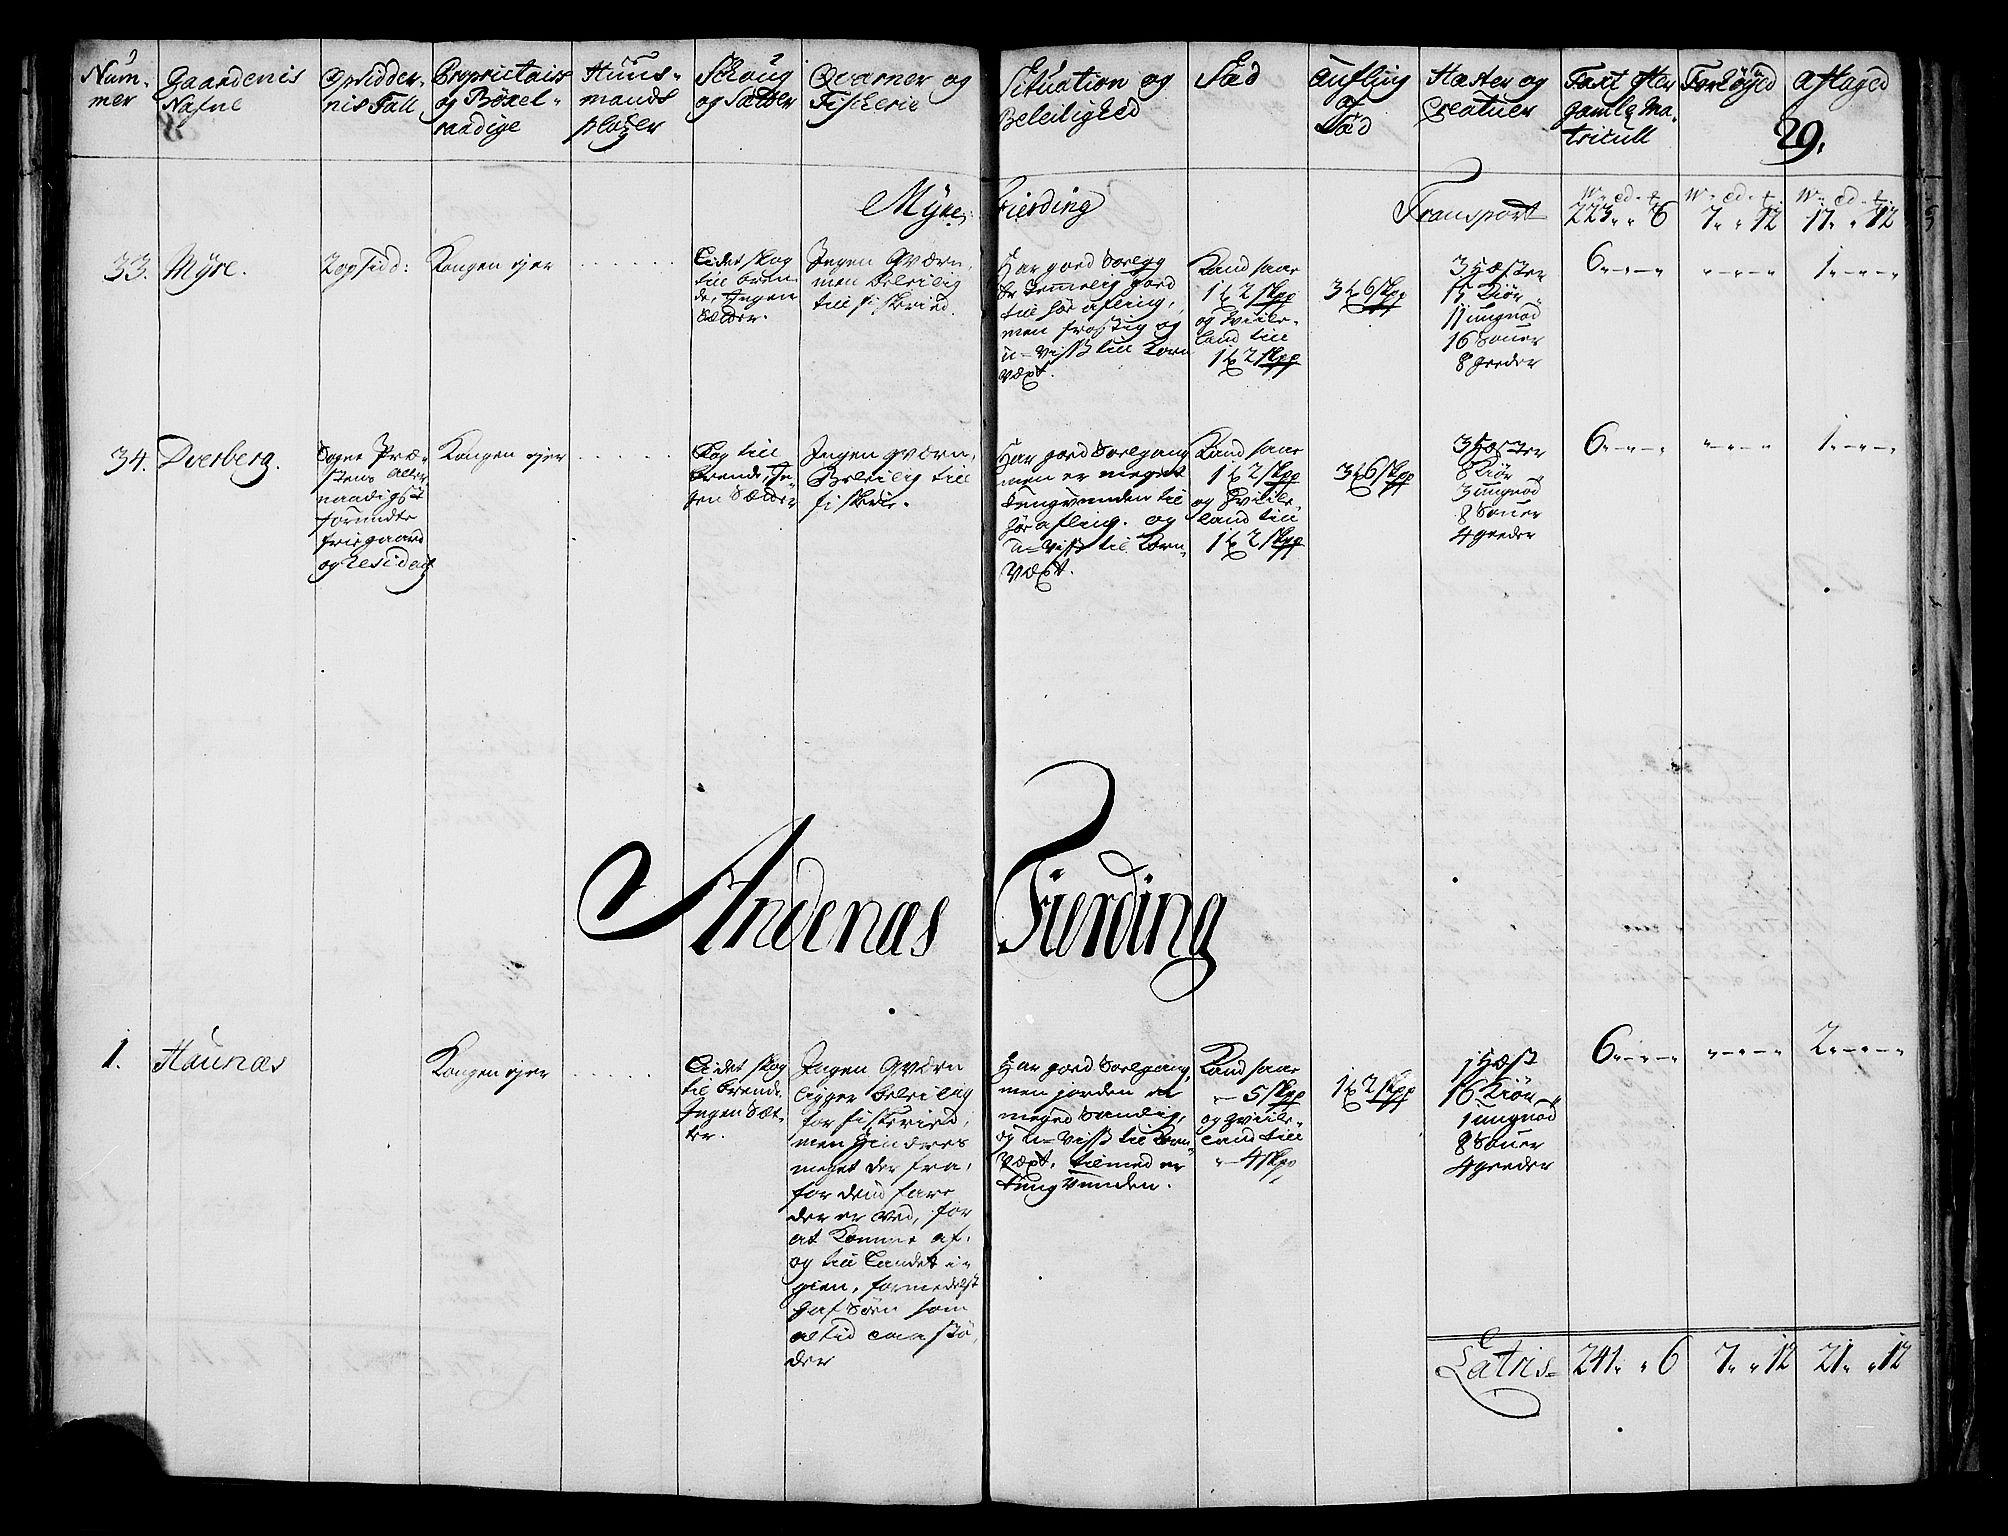 RA, Rentekammeret inntil 1814, Realistisk ordnet avdeling, N/Nb/Nbf/L0176: Vesterålen og Andenes eksaminasjonsprotokoll, 1723, s. 28b-29a